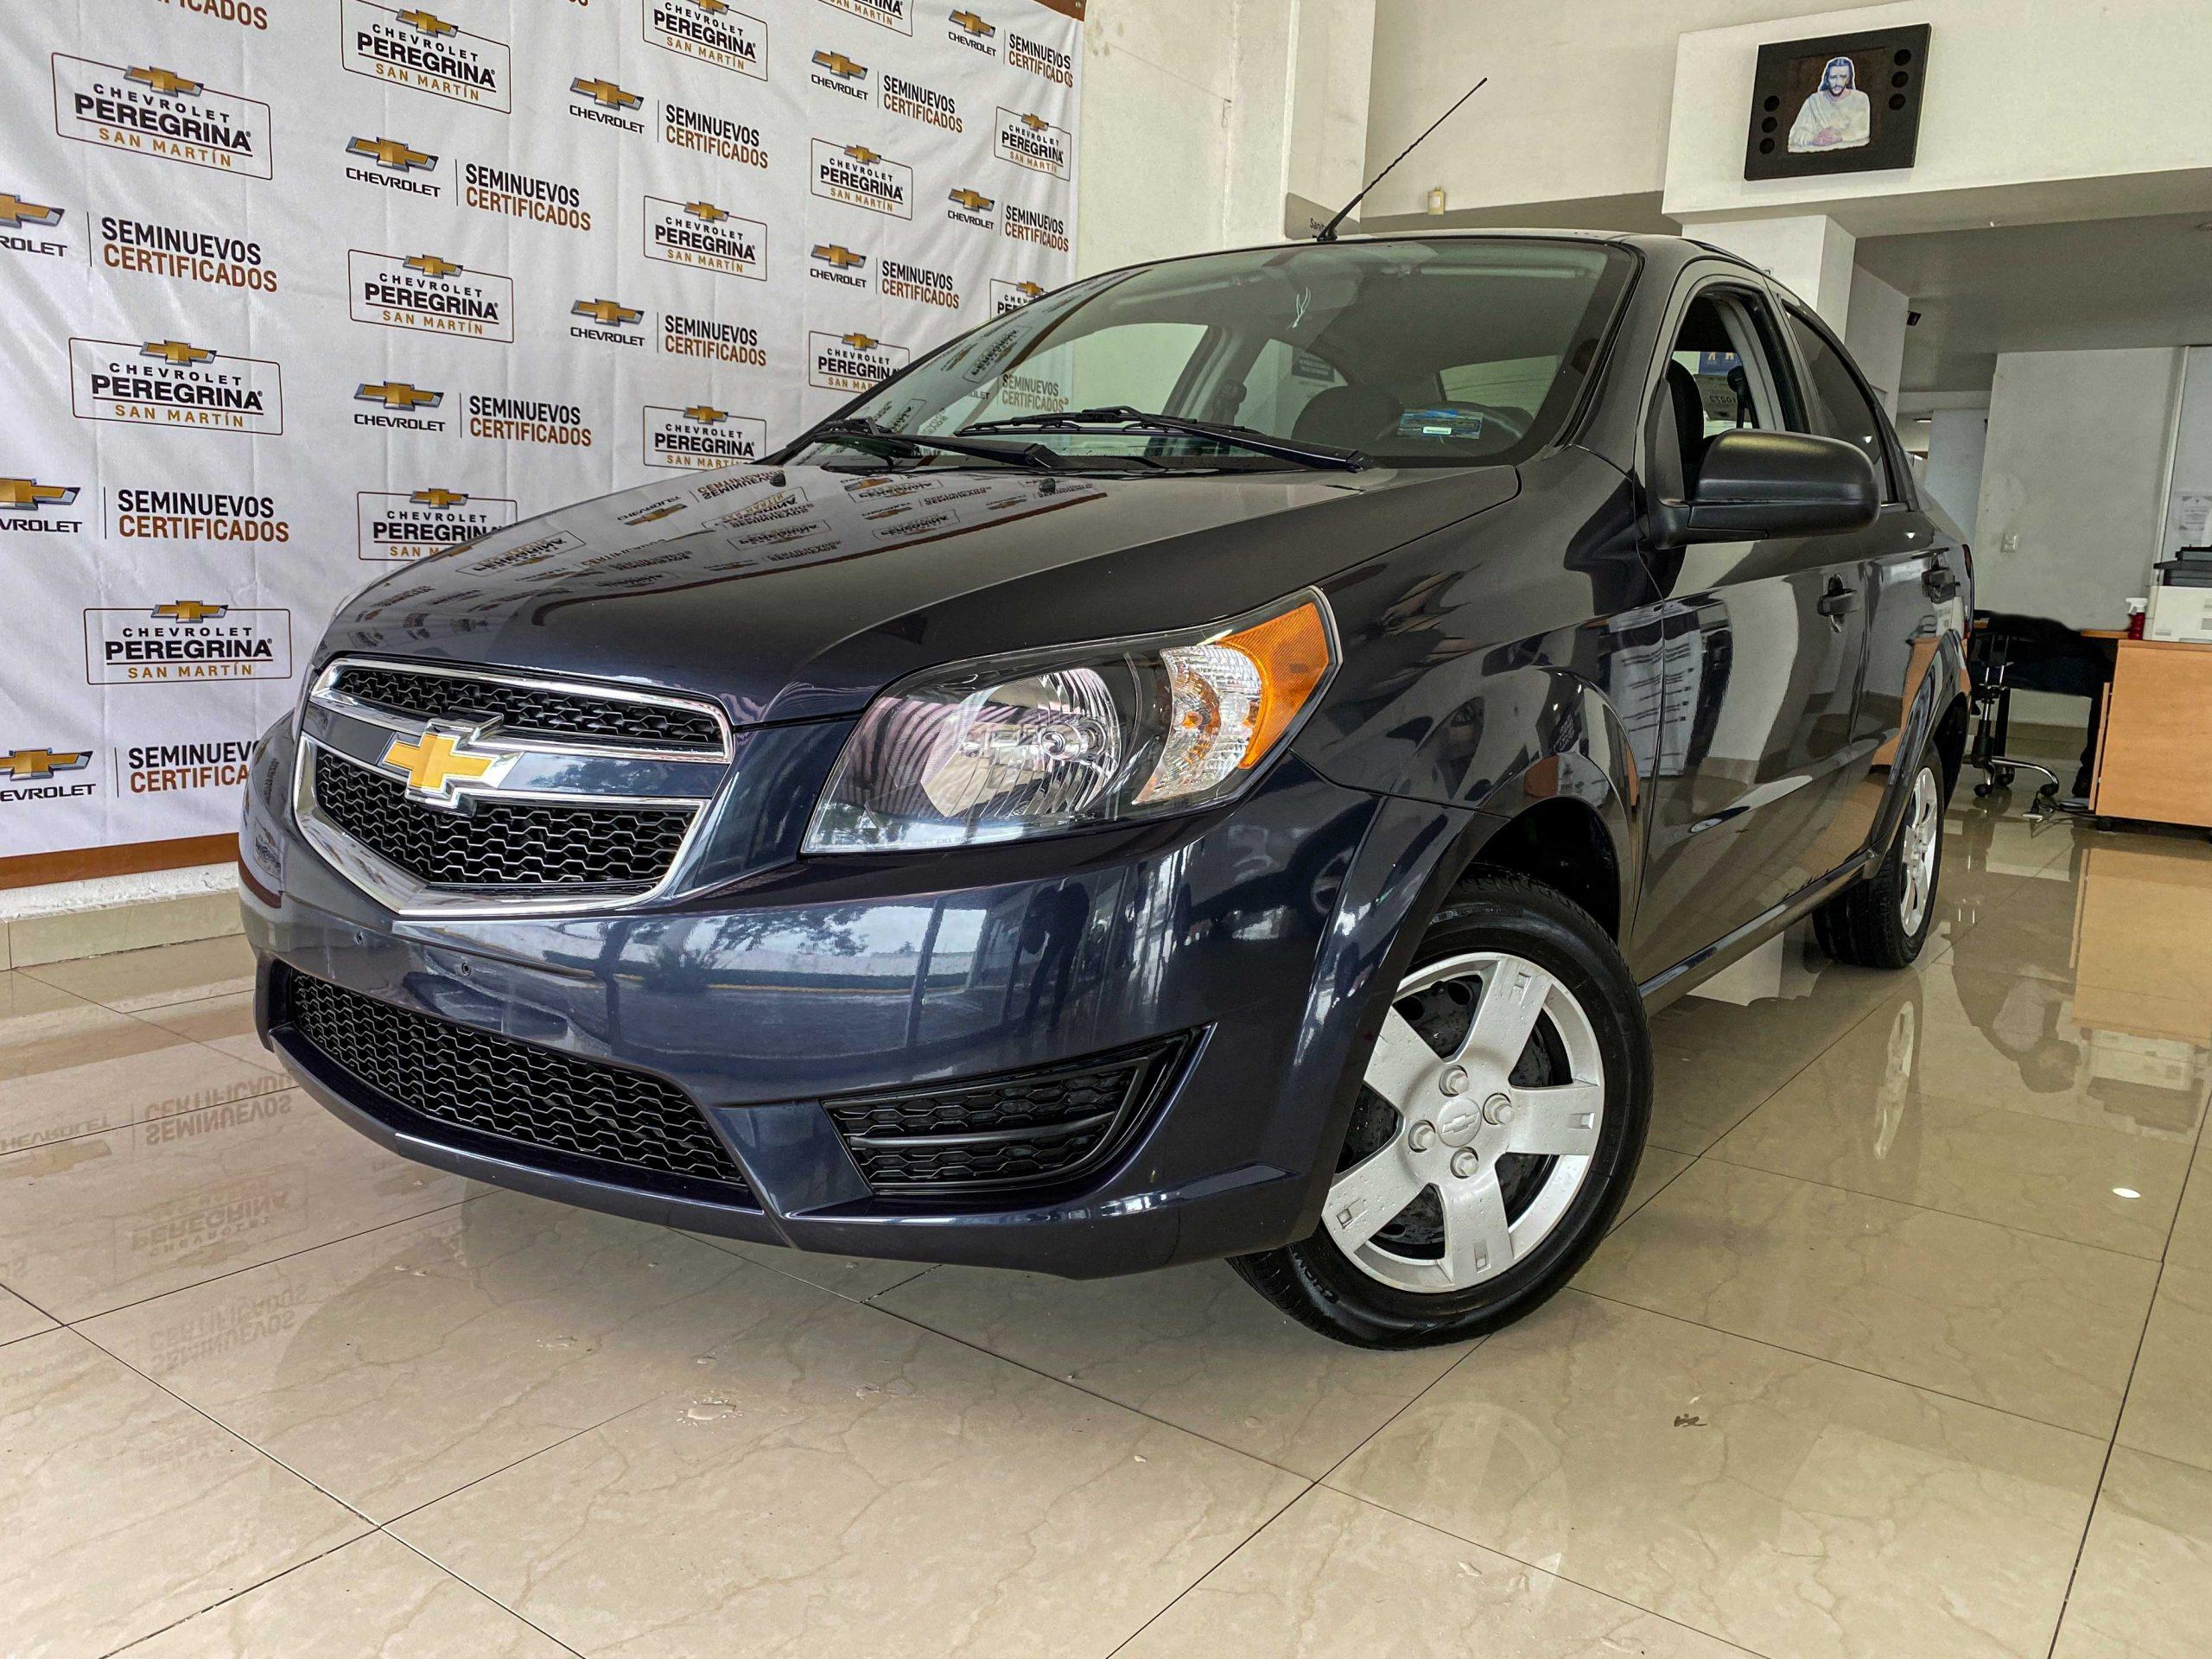 Chevrolet Aveo 2018 en venta